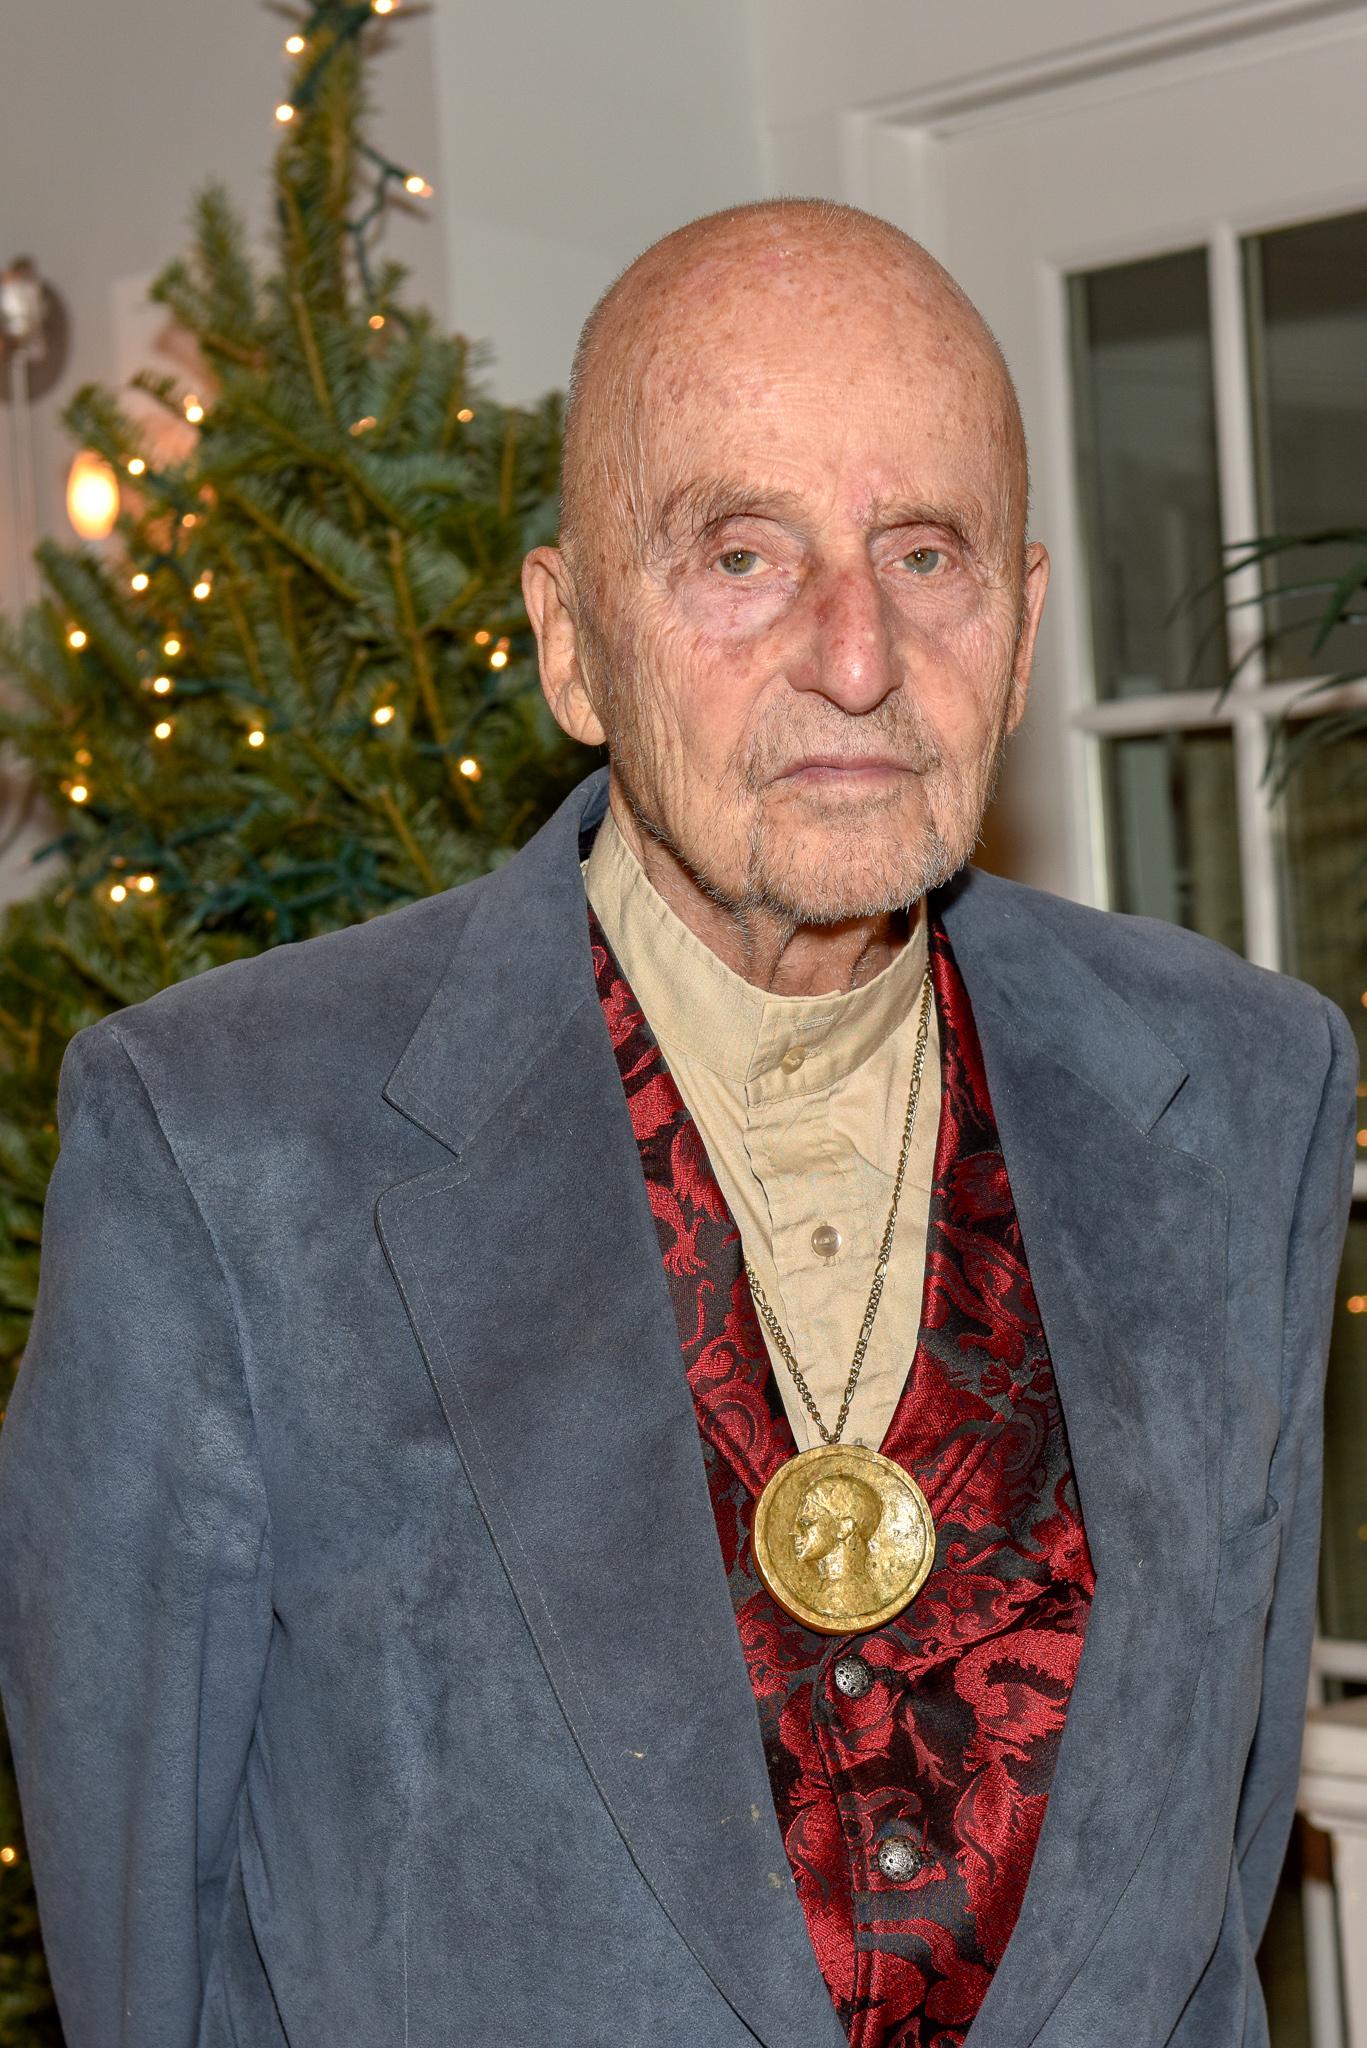 Herbert Lust